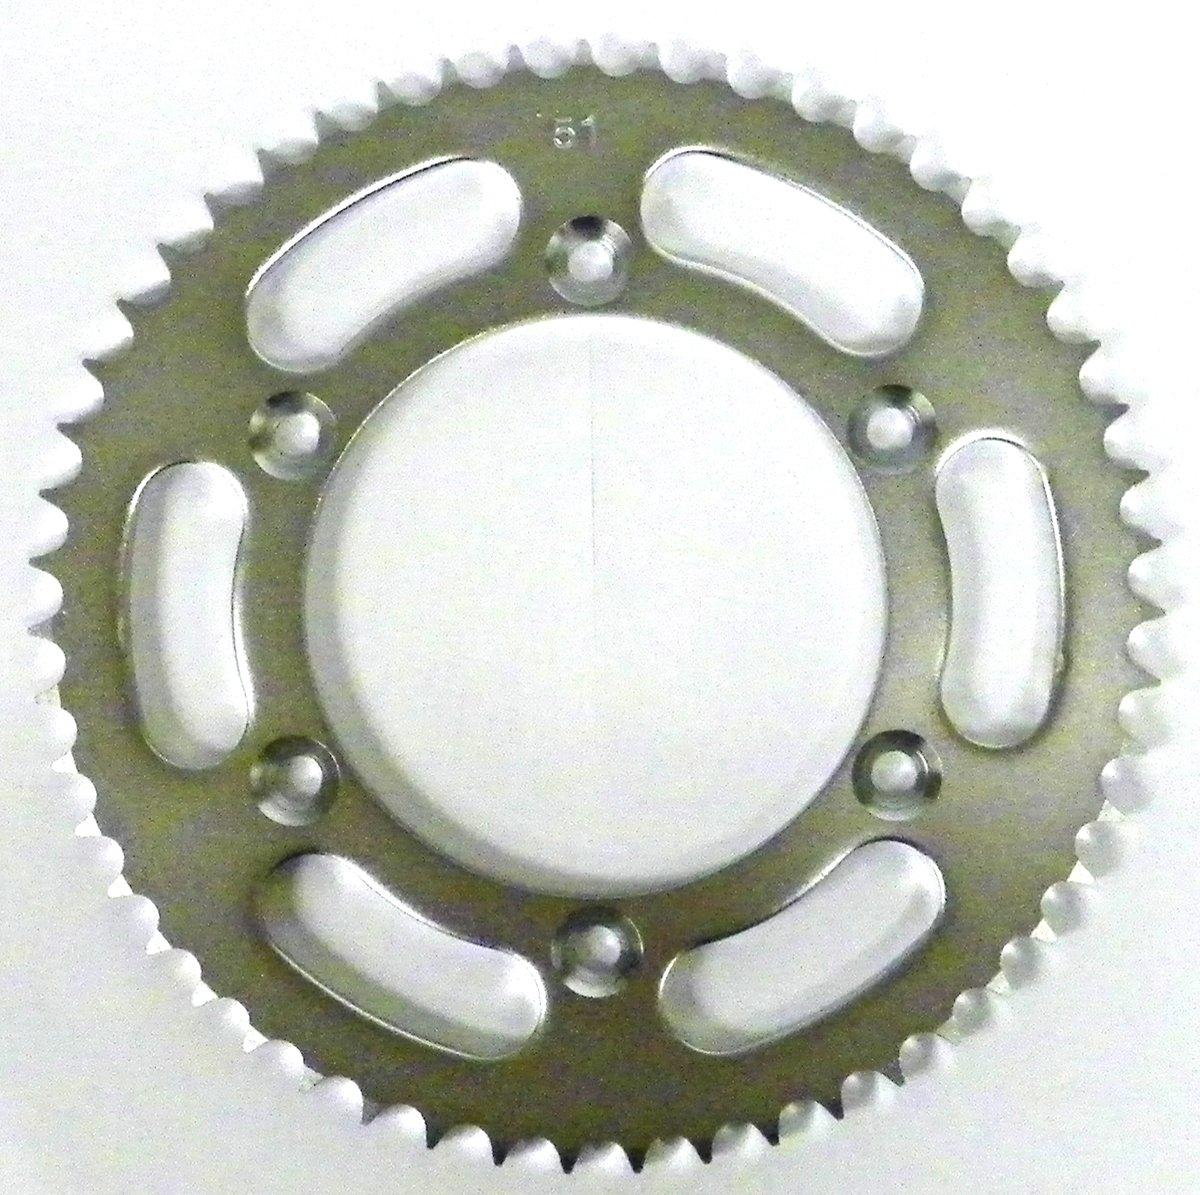 Kawasaki Steel Rear Sprocket Moto-X KLX 125 2003-2006/ KLX-L 125 2003-2006 51 Teeth RSS-025-51 OEM #: 42041-S001, 64511-08G00